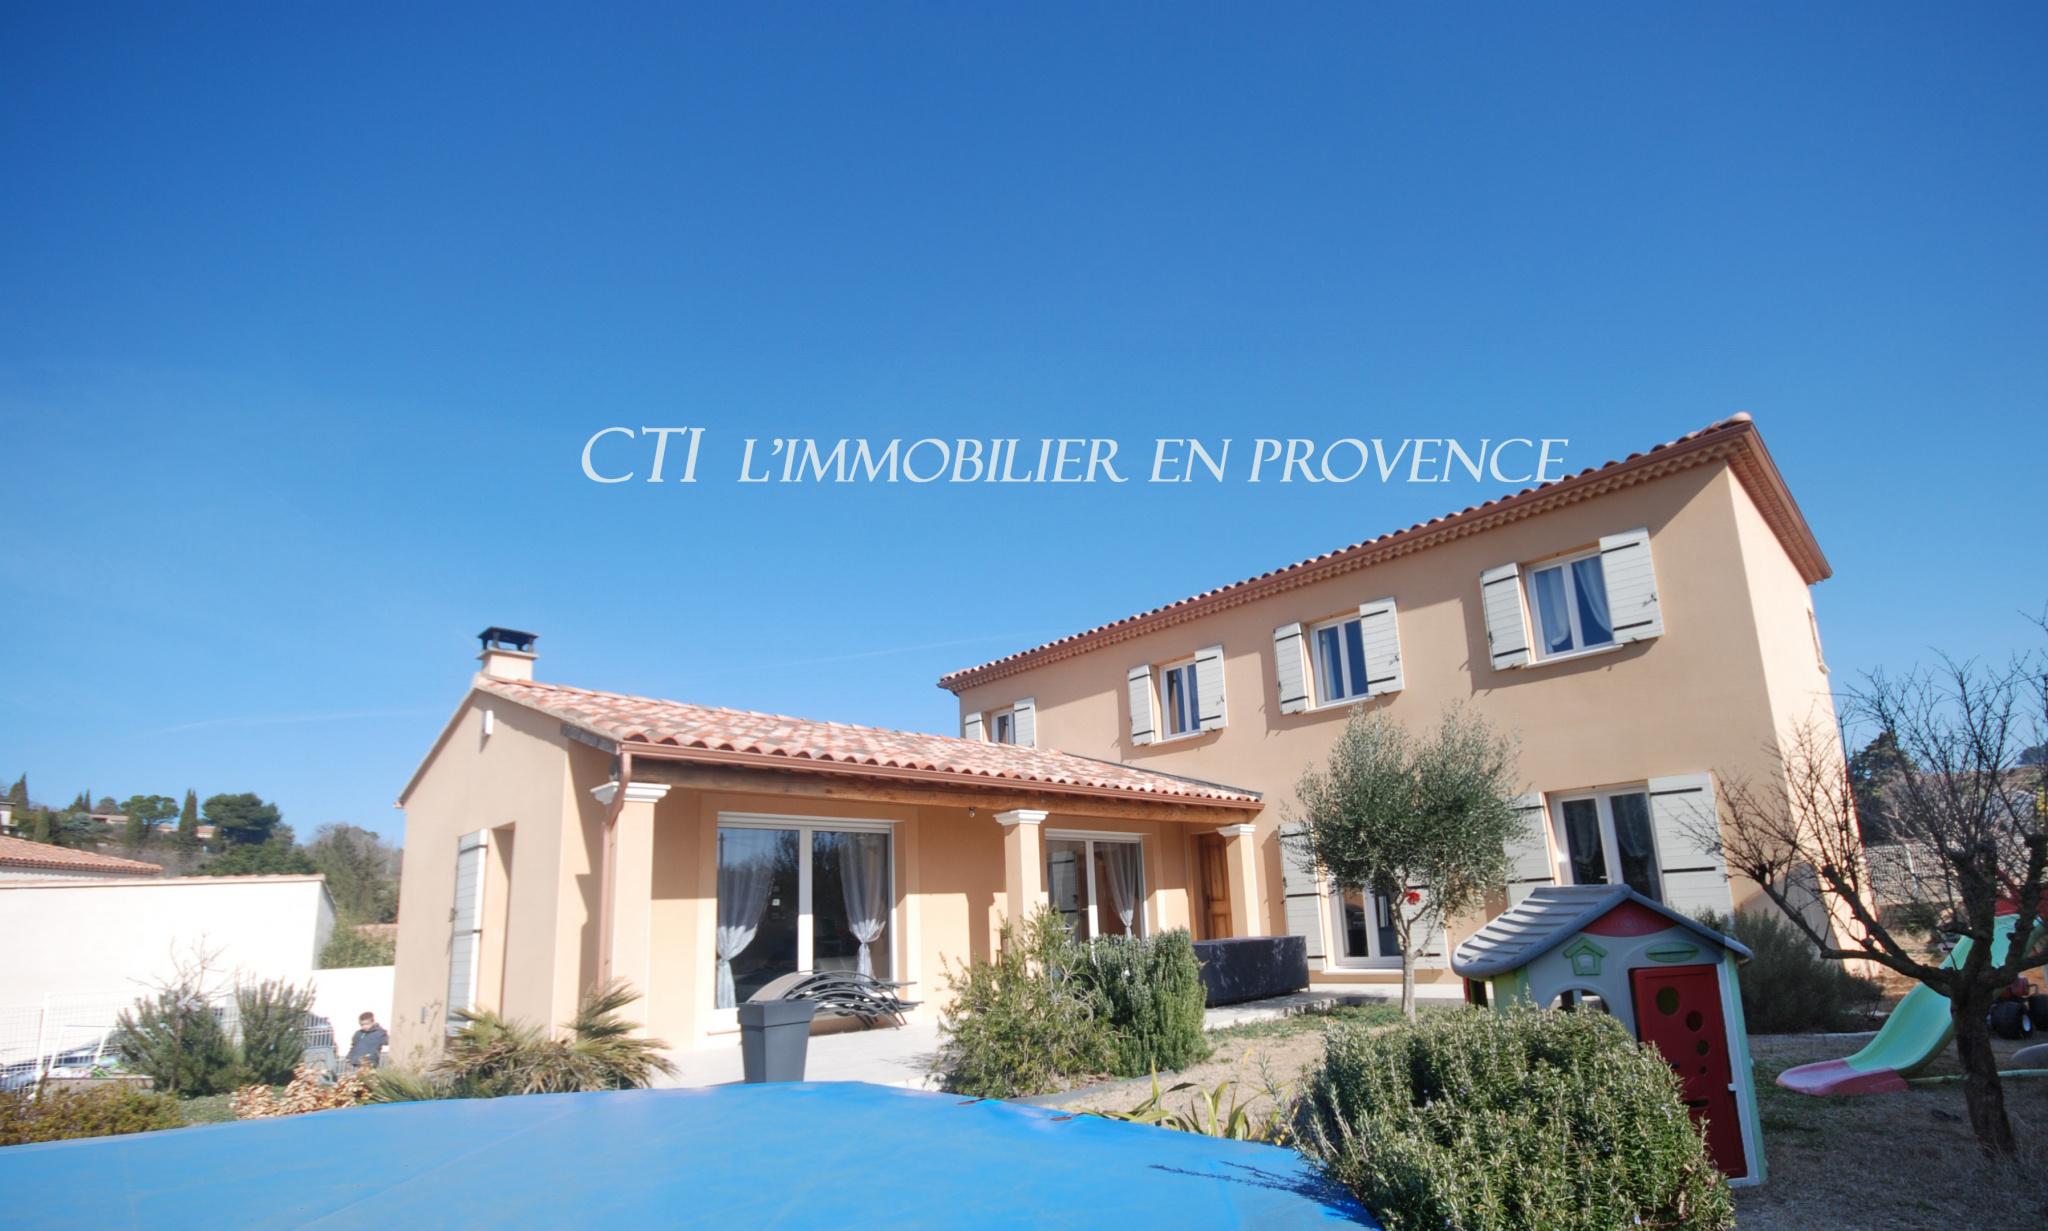 0 A VENDRE www.cti-provence.net VILLA PROVENÇALE BELLES PRESTATIONS JARDIN PISCINE ABRI VOITURES